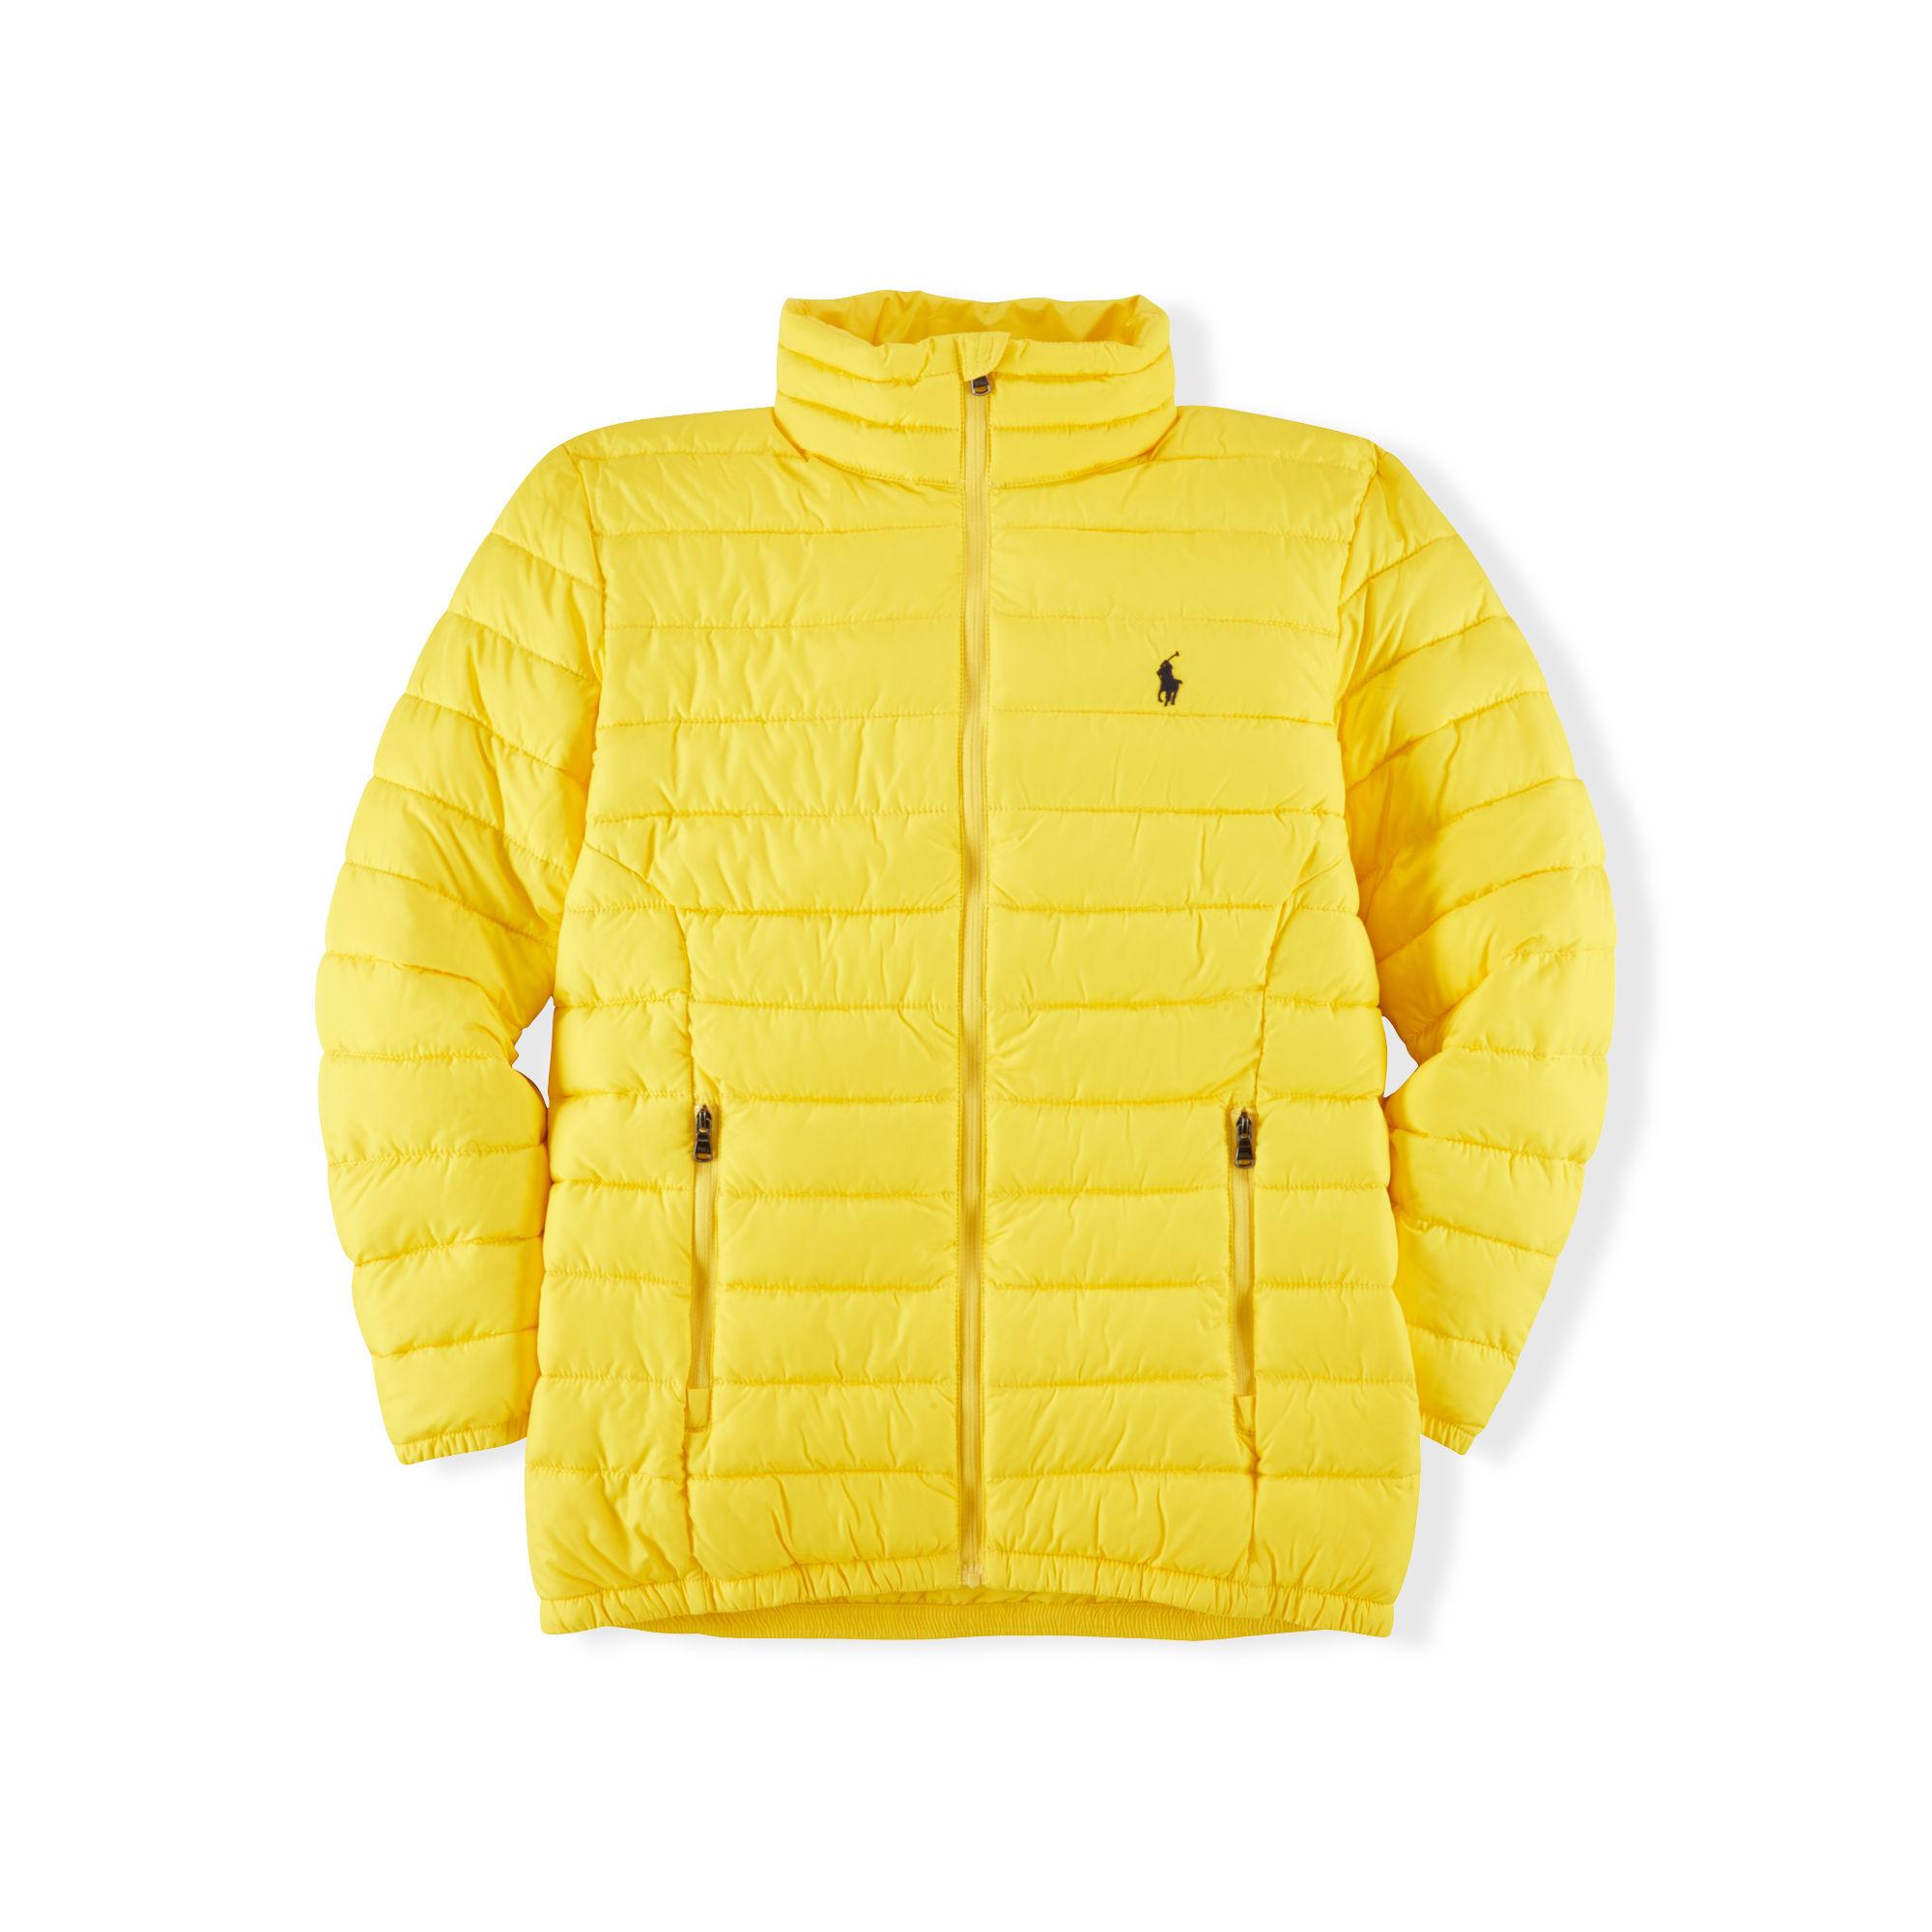 4558124e2 Ralph Lauren Lightweight Puffer Jacket in Yellow - Lyst